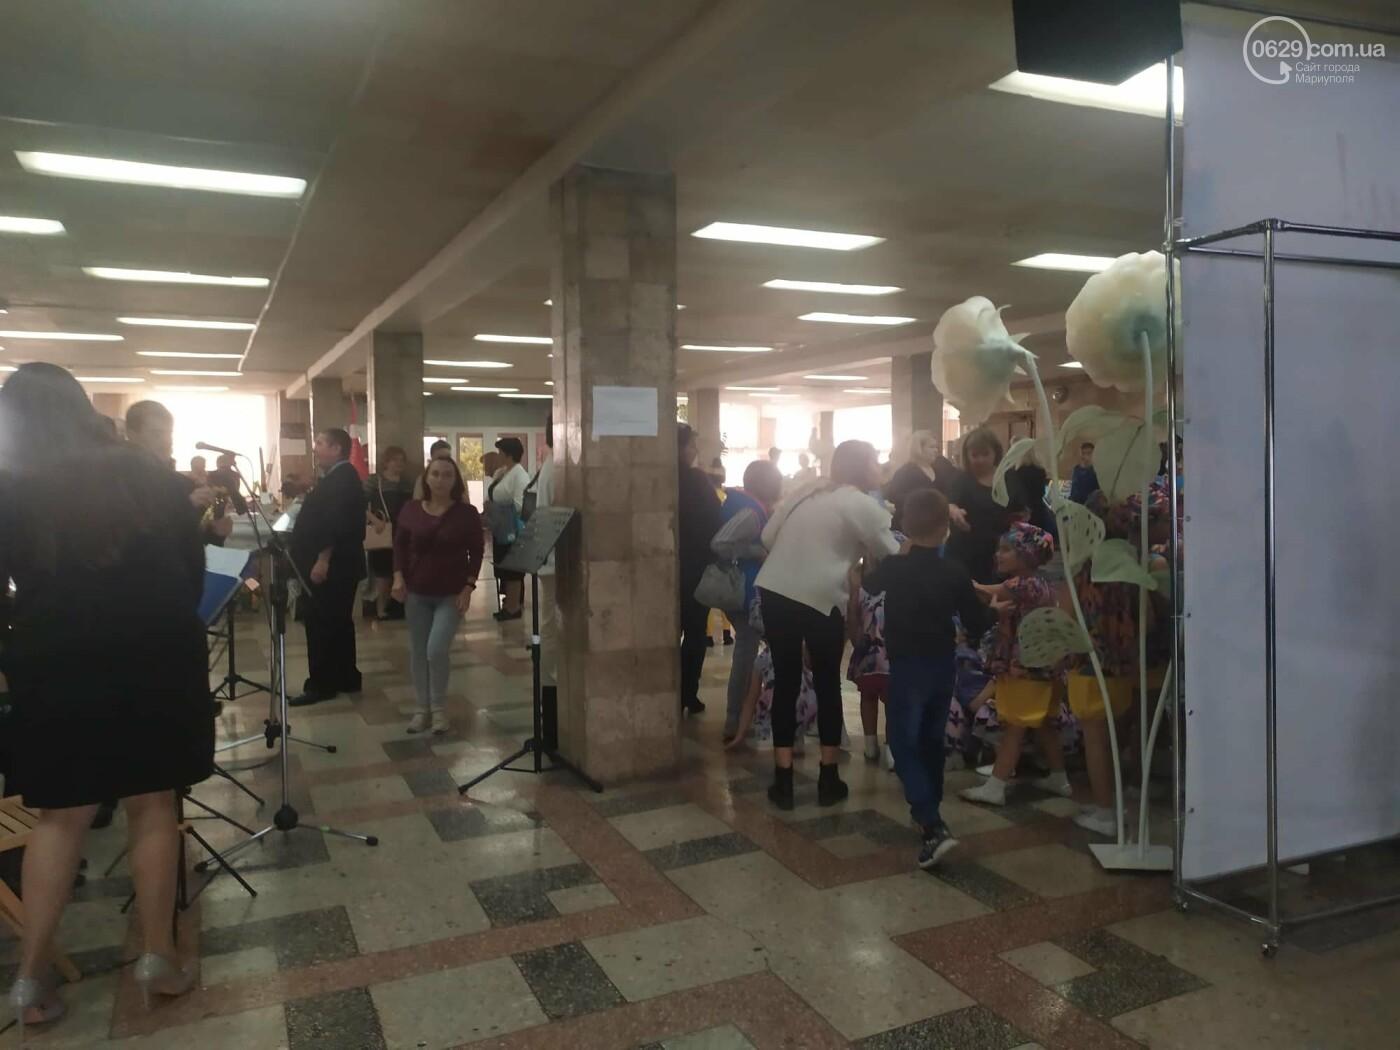 Праздник образования в Мариуполе: денежные подарки, награда родителям и памятник учителю, фото-19